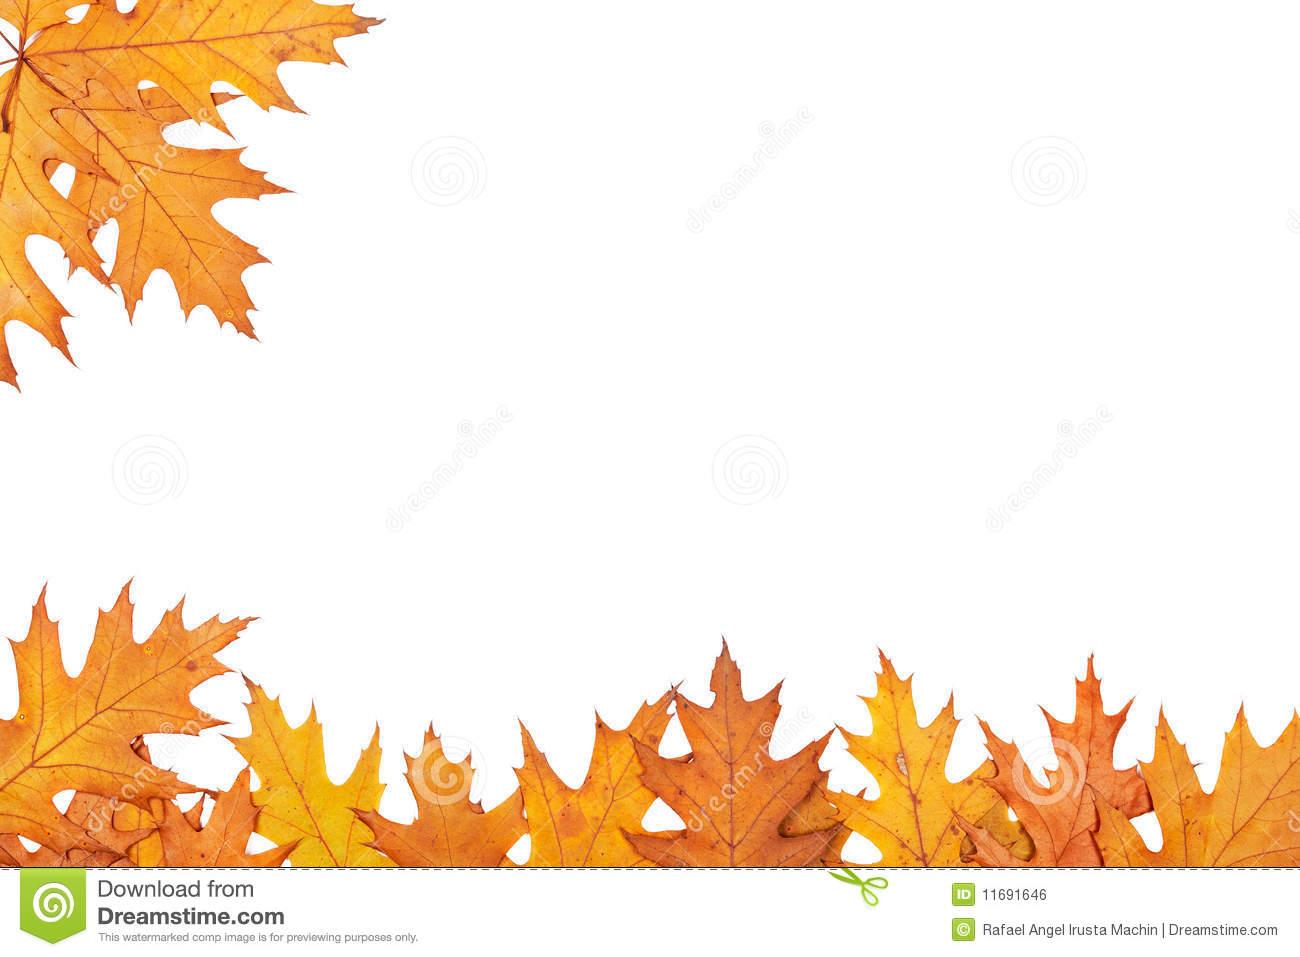 Free Fall Autumn Clip Art ..-Free Fall Autumn Clip Art ..-19